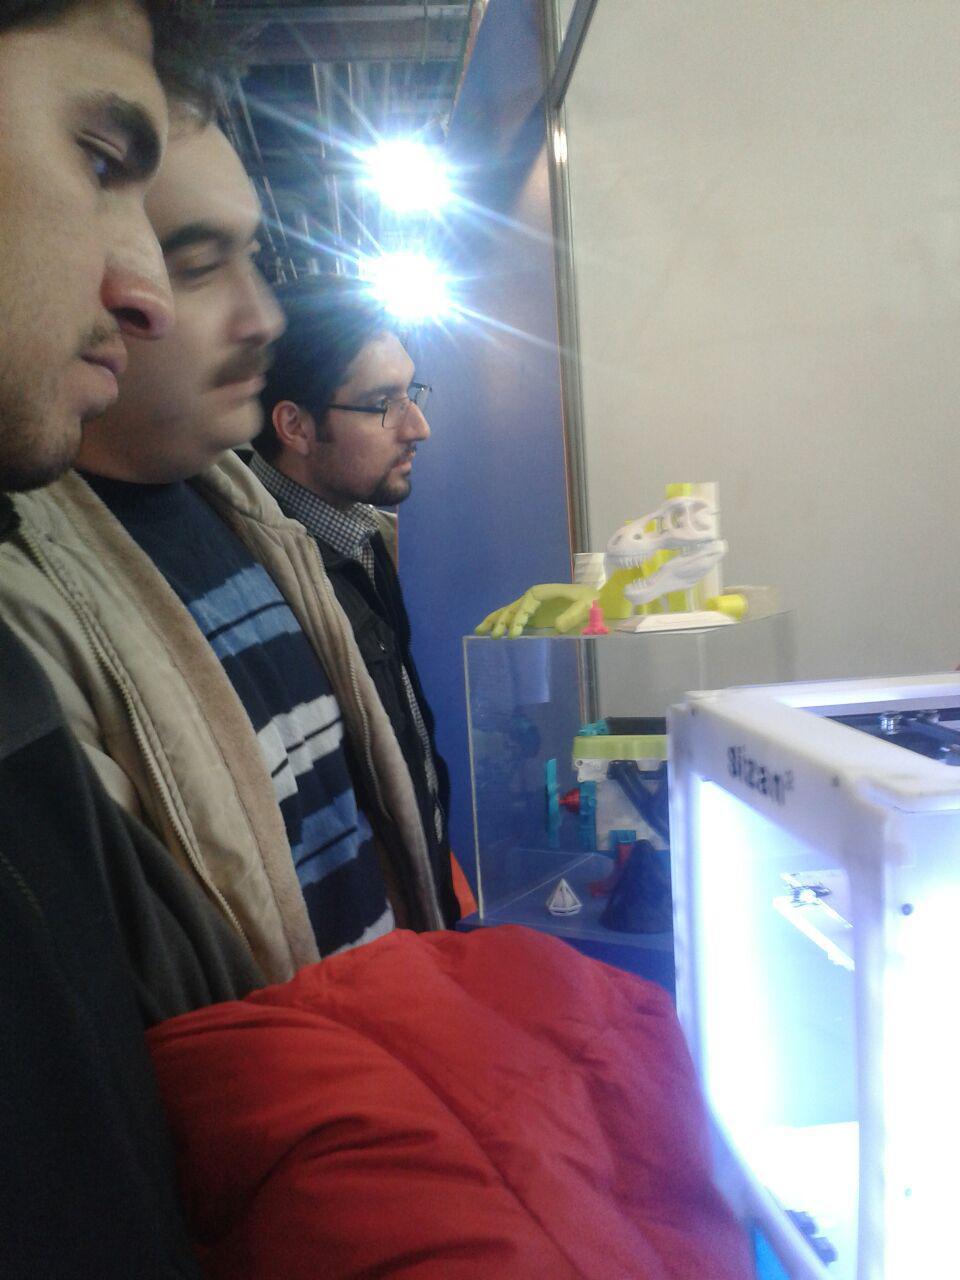 پرینتر سه بعدی سی زان در نمایشگاه کامپوزیت